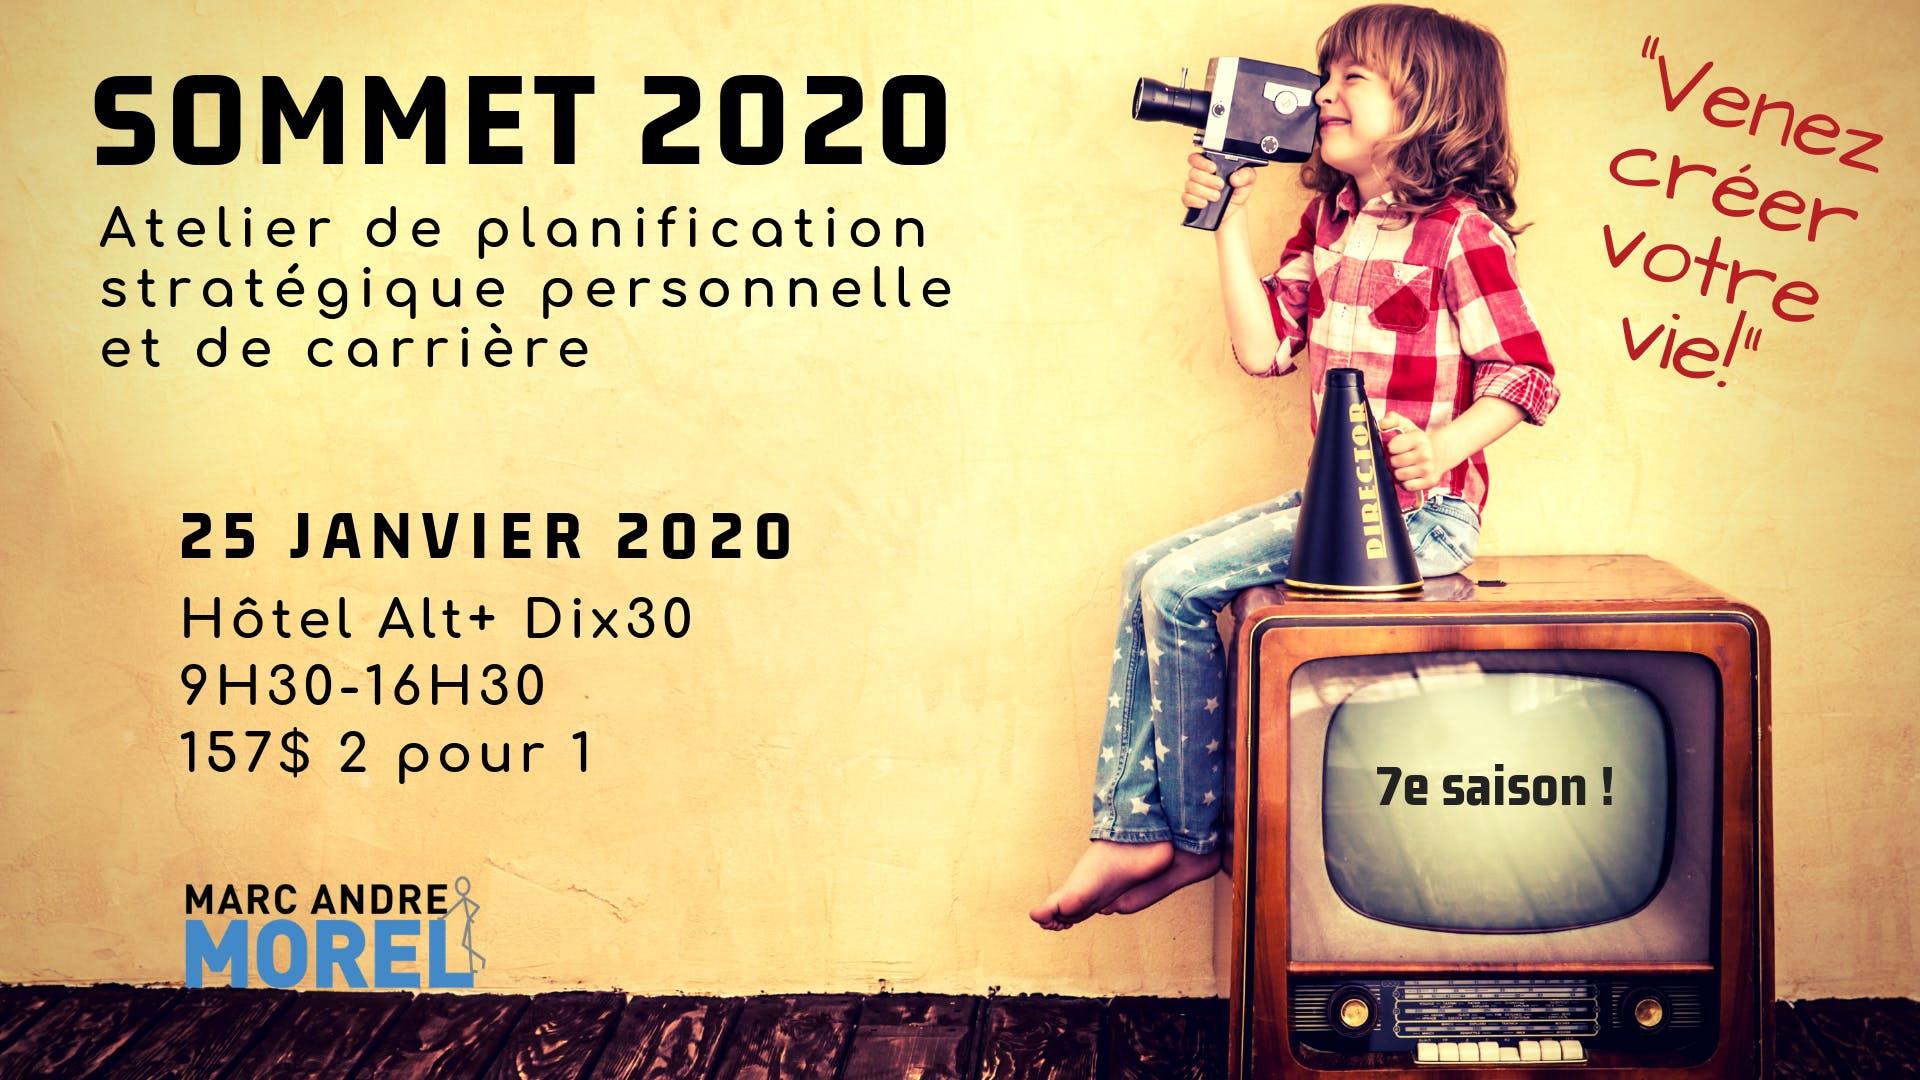 SOMMET 2020 : Conférence-Atelier de planification stratégique personnelle et de carrière